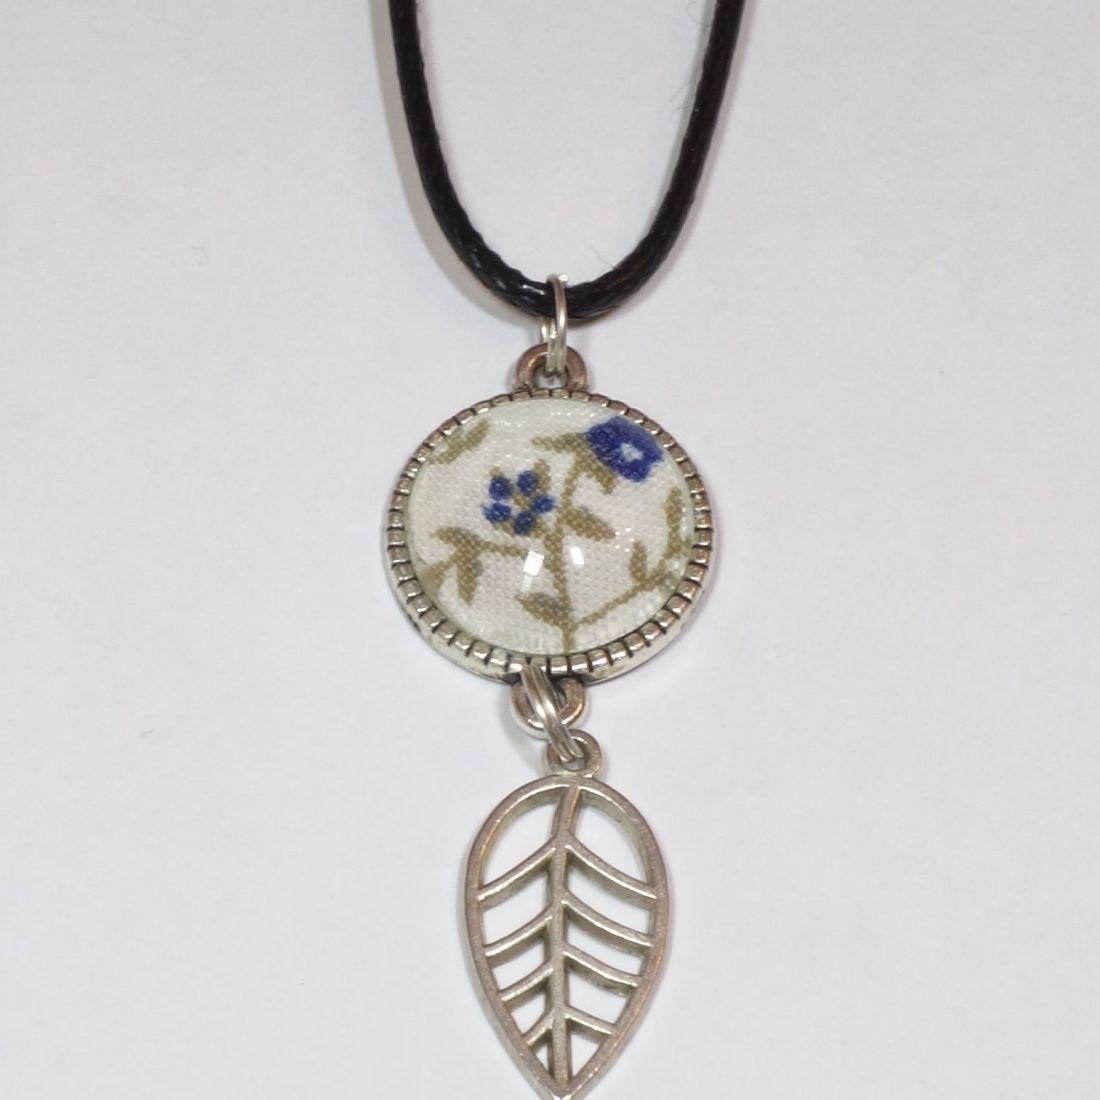 Üveglencsés nyaklánc ezüst színű kerettel, textil díszítéssel